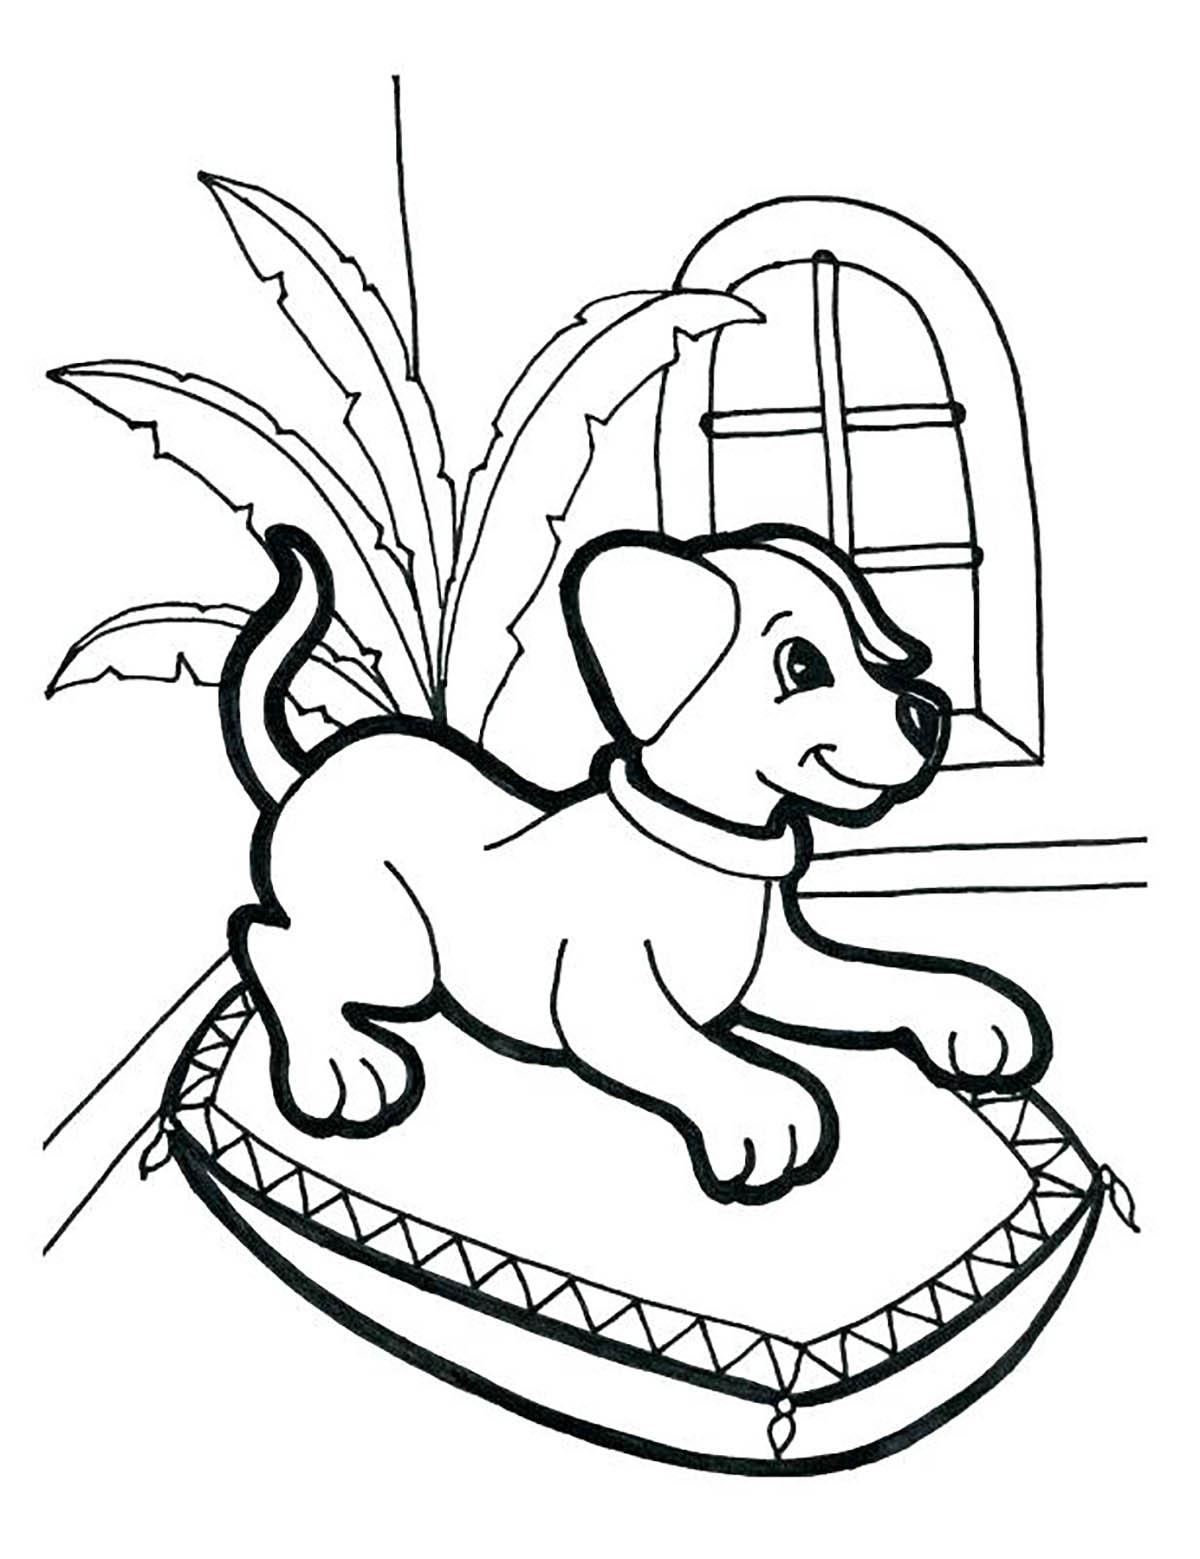 Chien au panier - Coloriages de chiens - Coloriages pour enfants